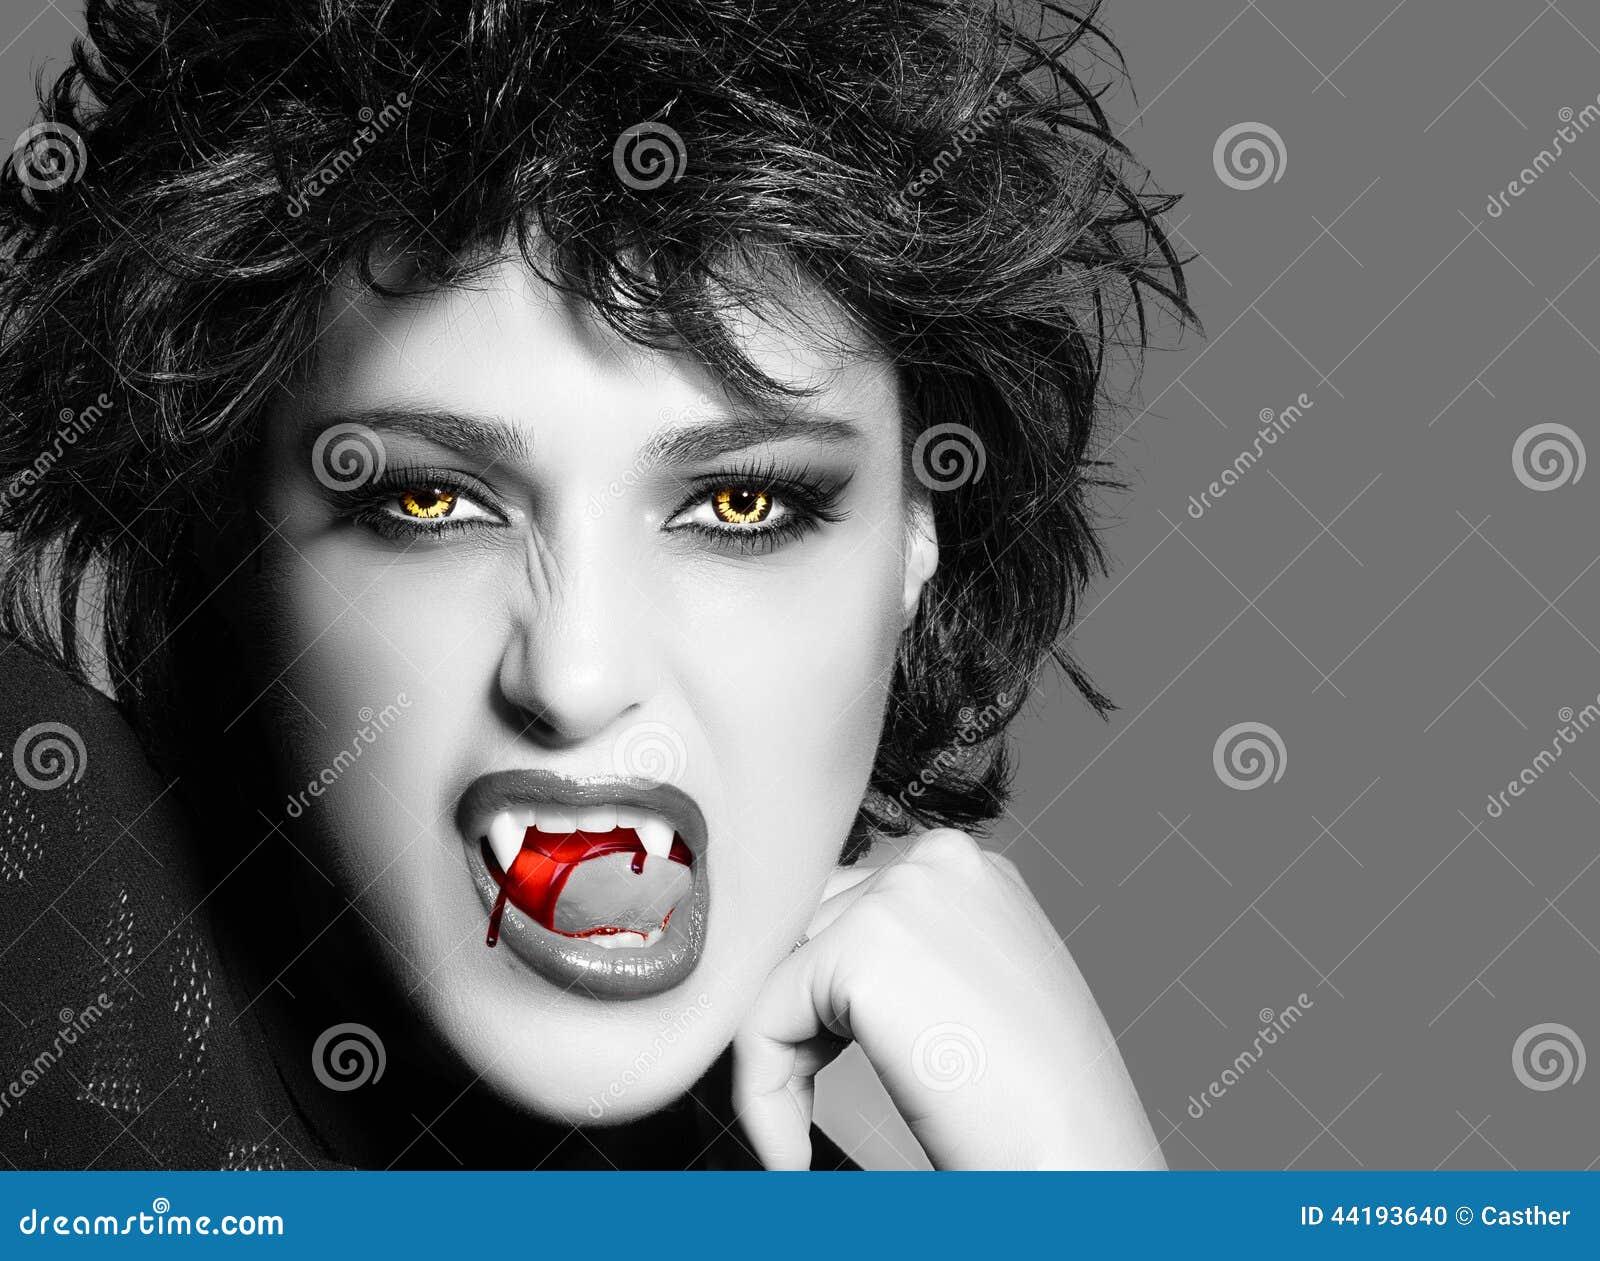 gothic vampire bloody girl - photo #12